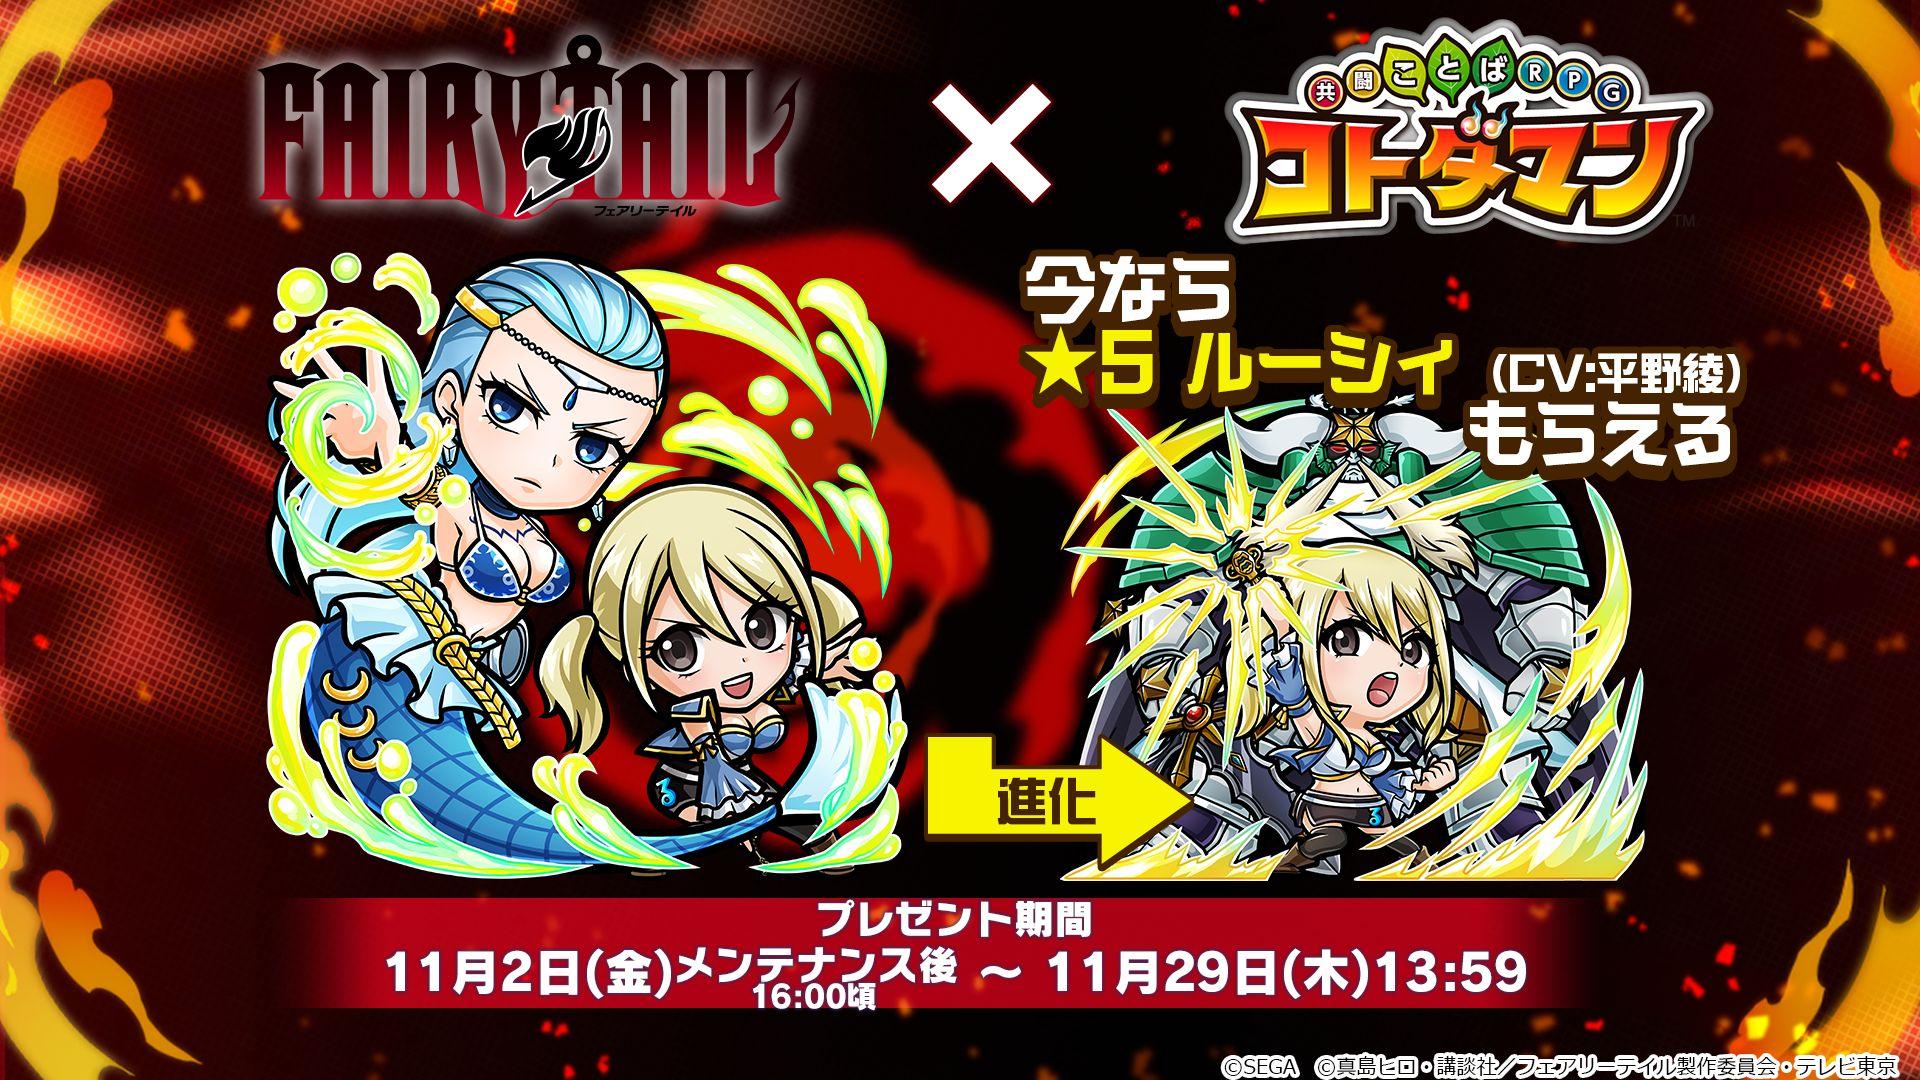 コトダマン Tvアニメ Fairy Tail コラボイベント開催 コラボpv